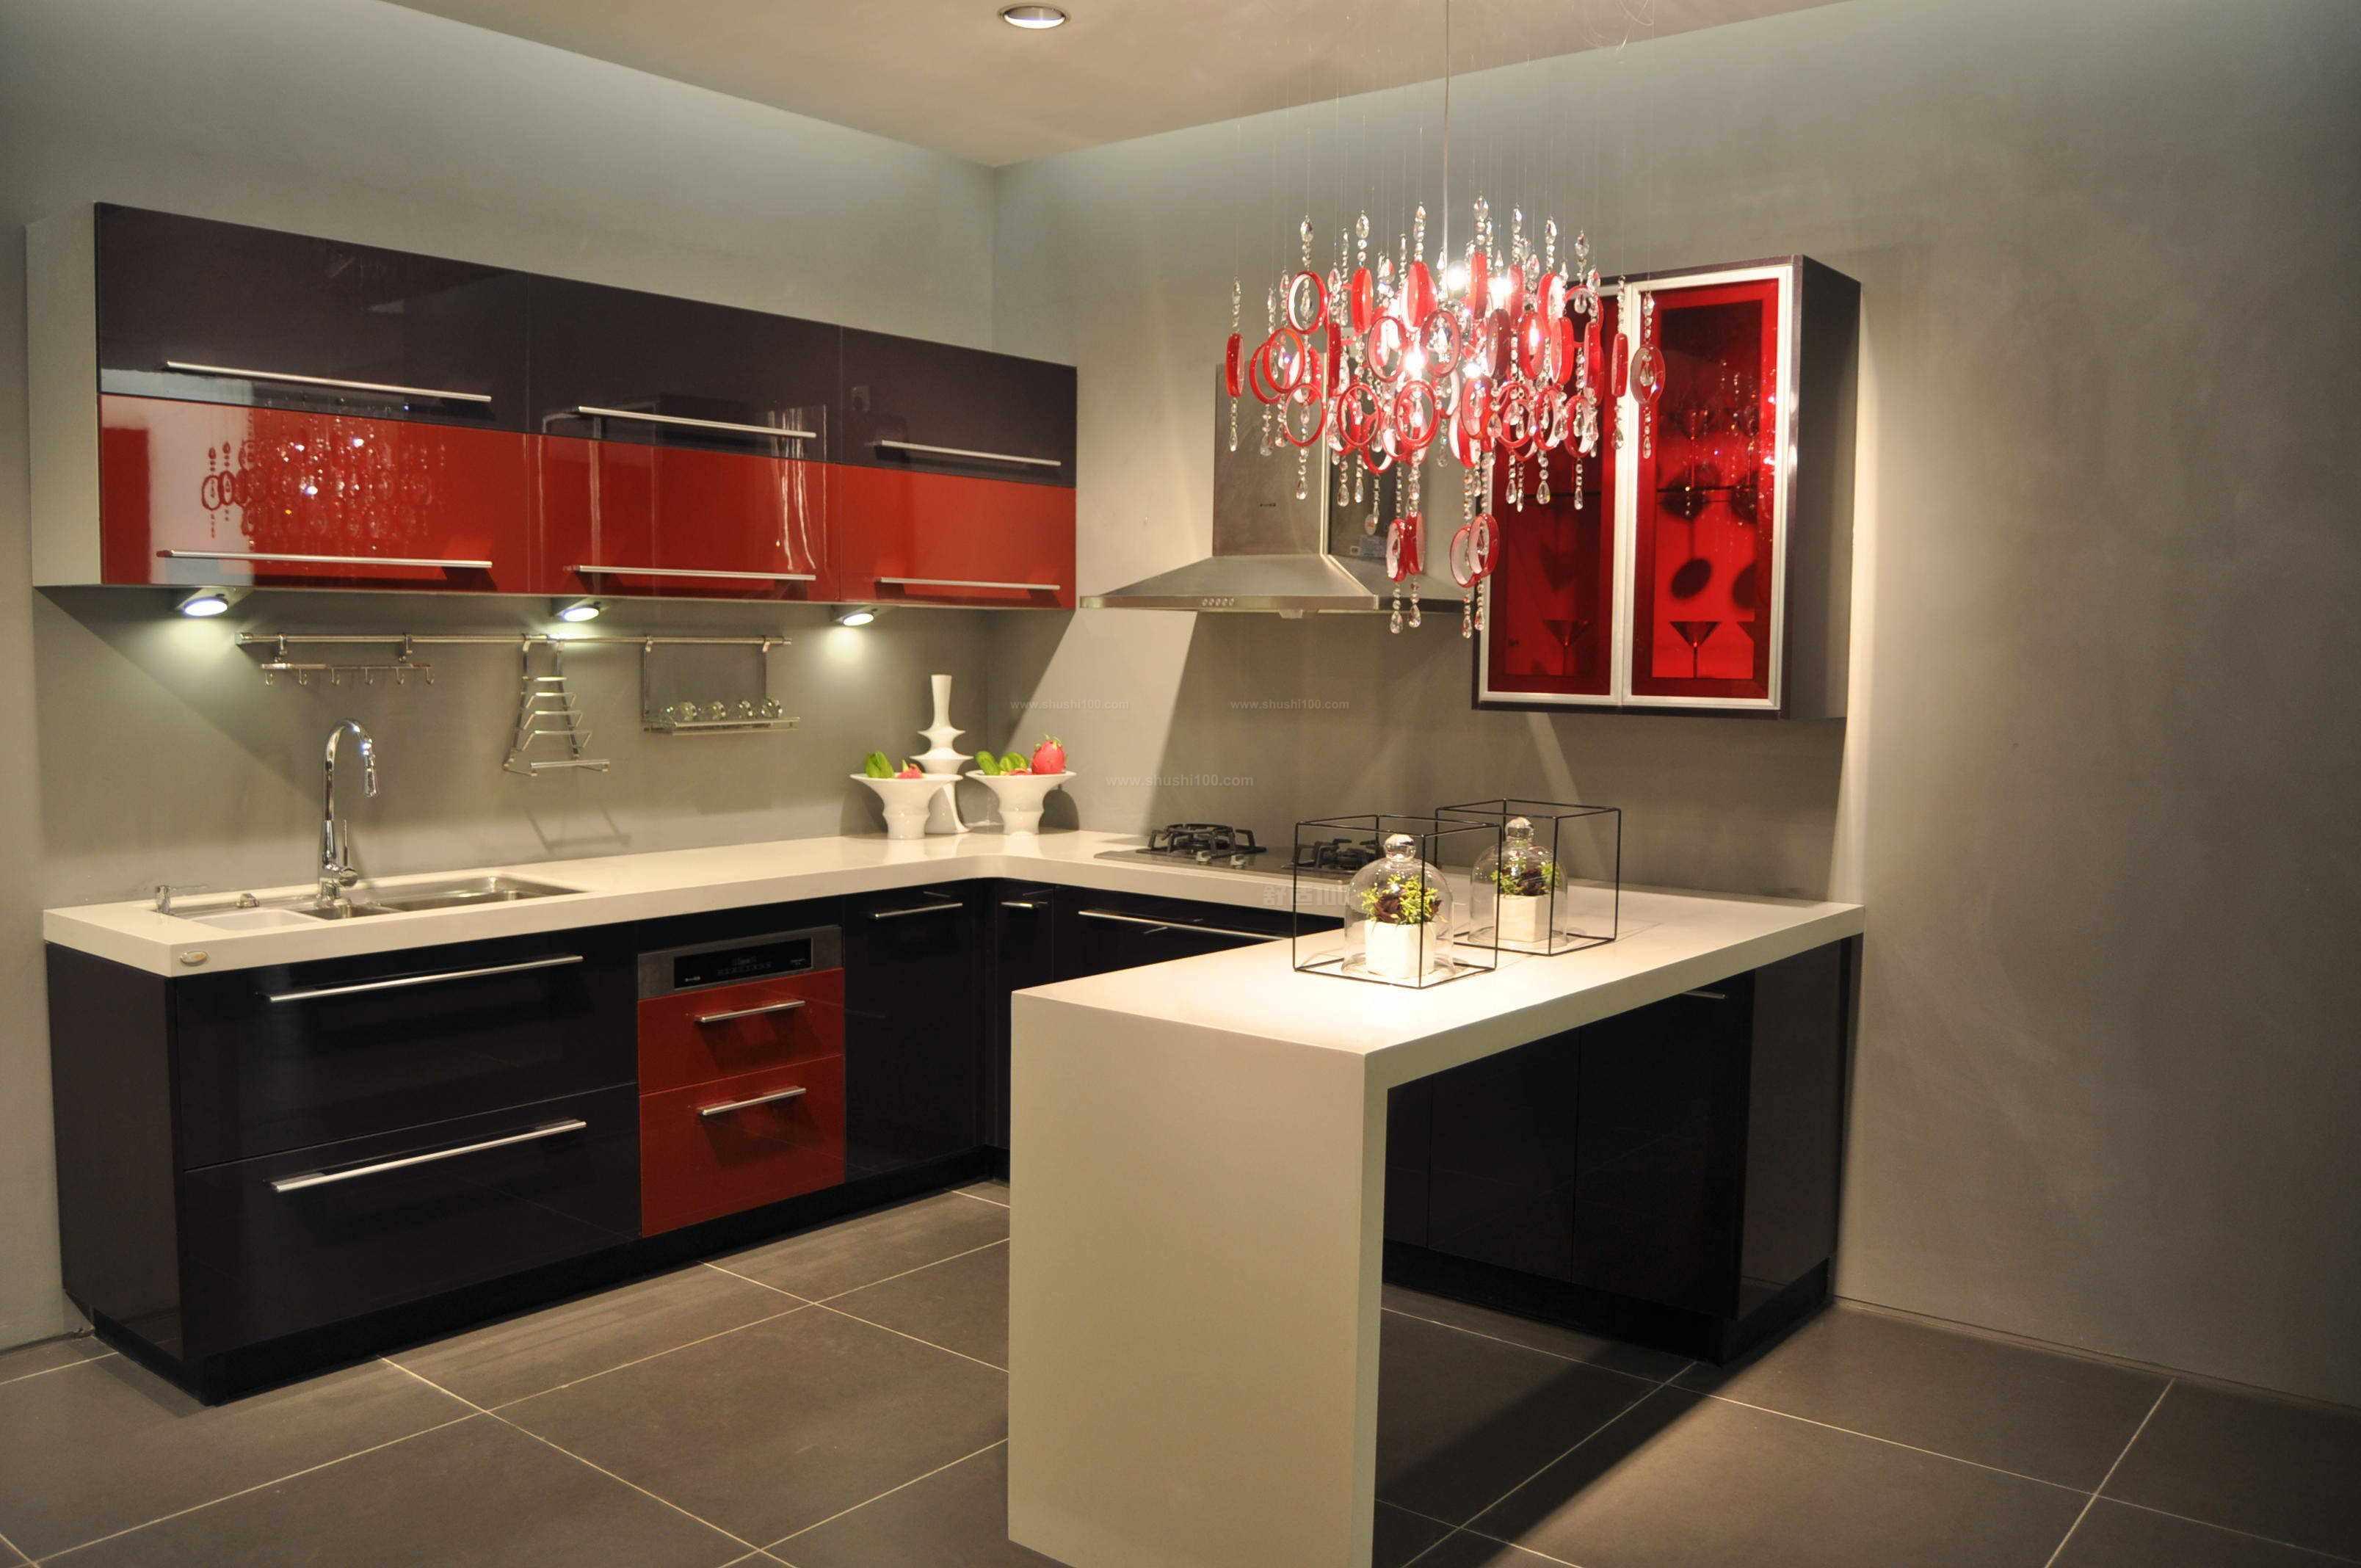 厨房柜一组多少钱—整体橱柜价格 1.整体橱柜衣柜柜身价格.图片